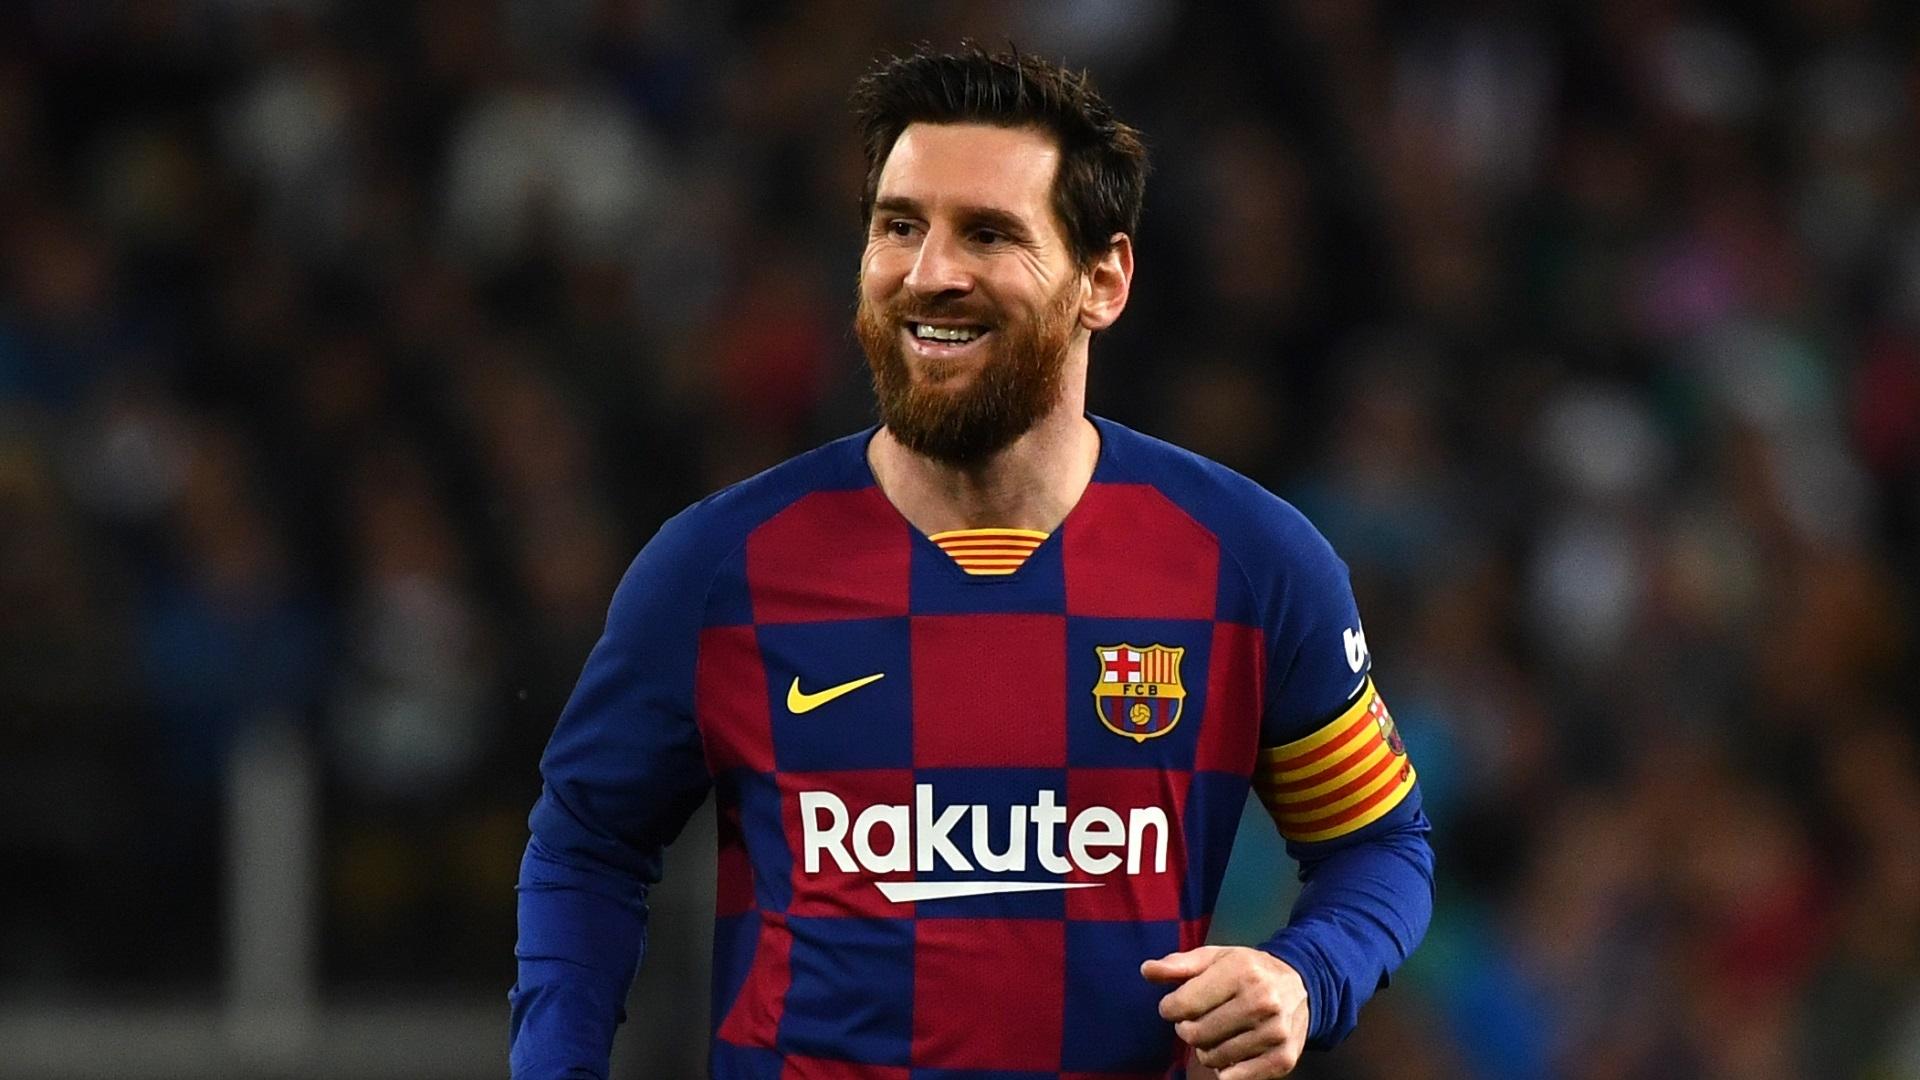 Leonel Messi đã ghi bao nhiêu bàn thắng xuyên suốt sự nghiệp?